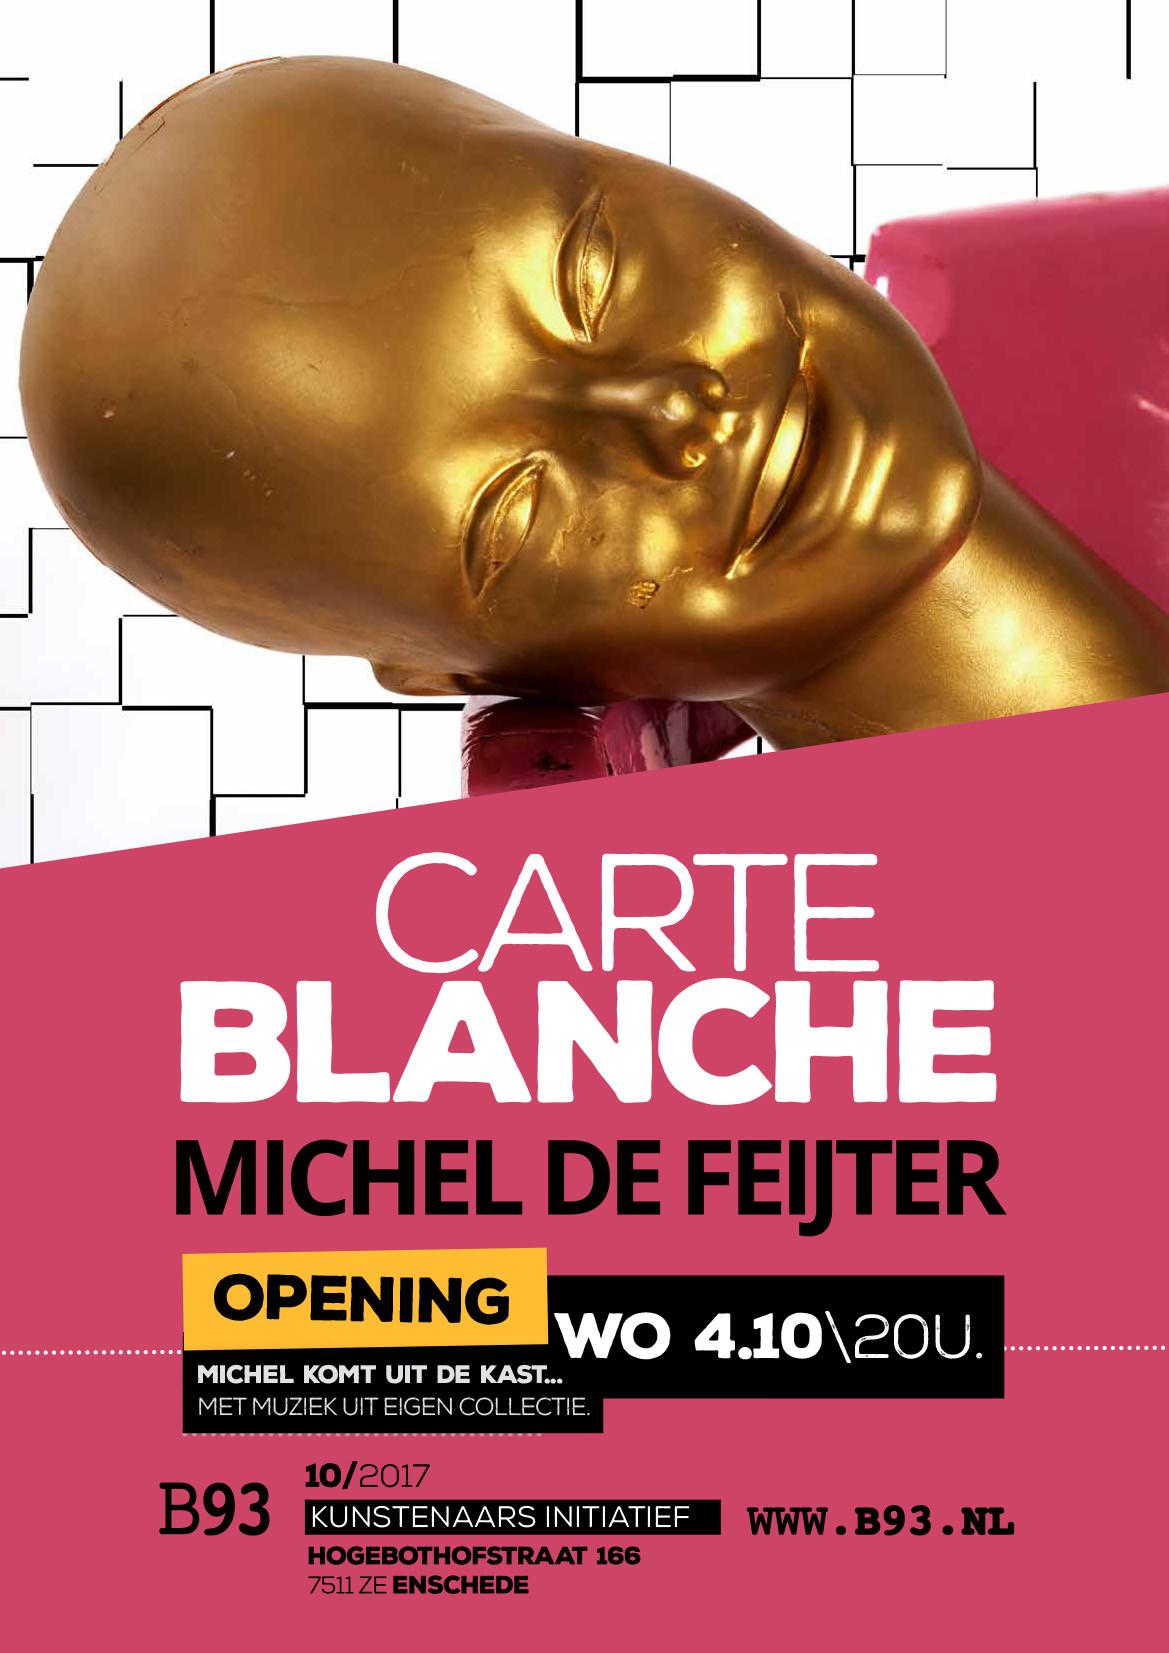 Carte Blanche – Michel de Feijter